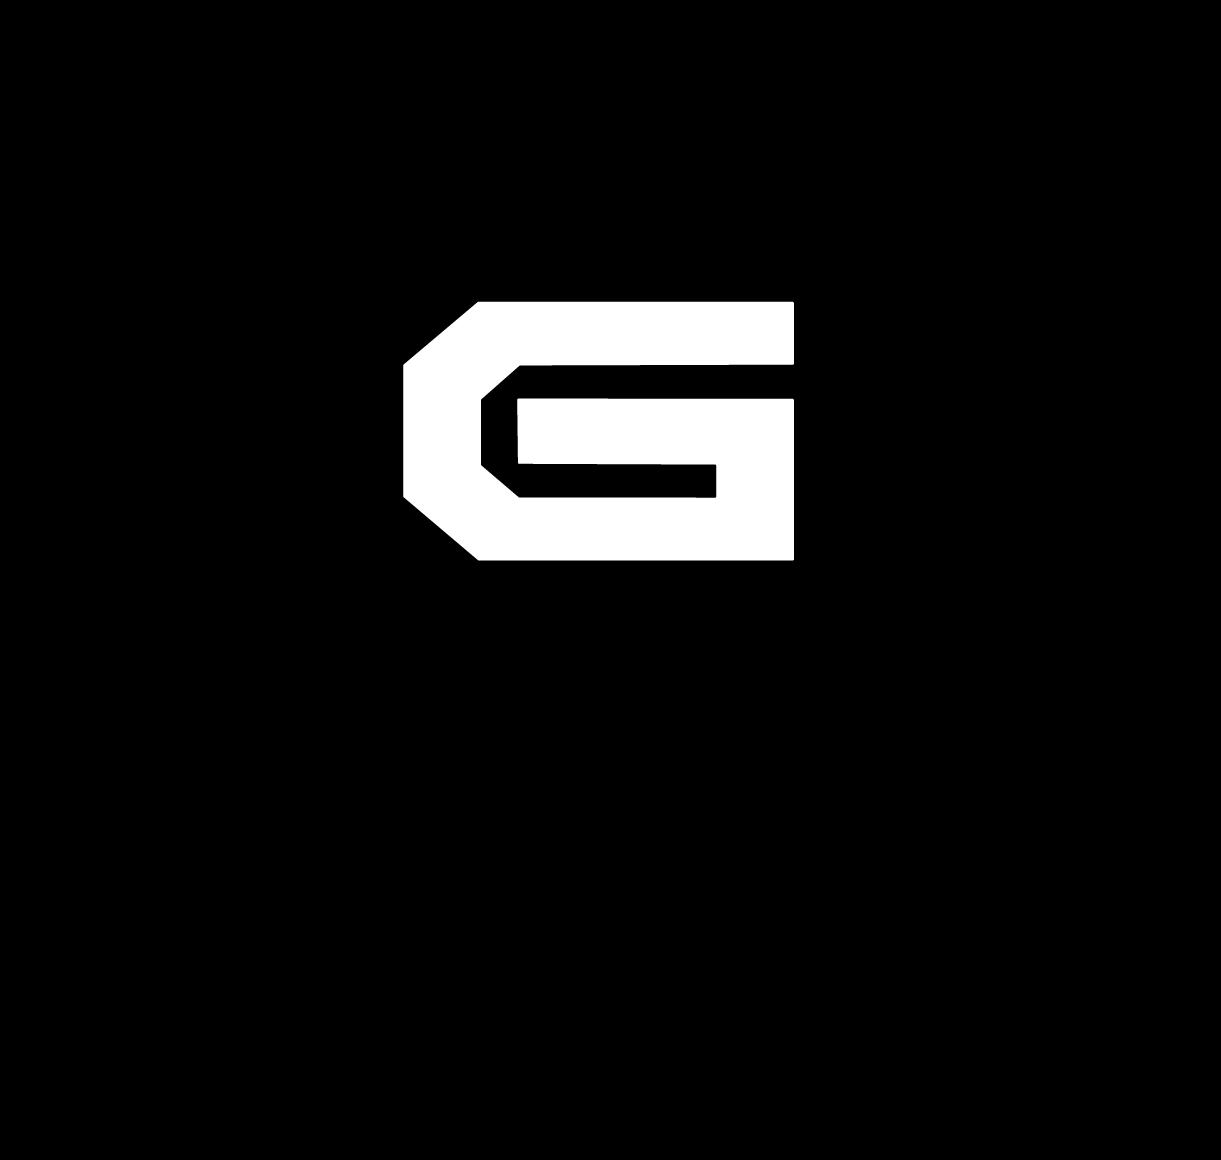 Gtech